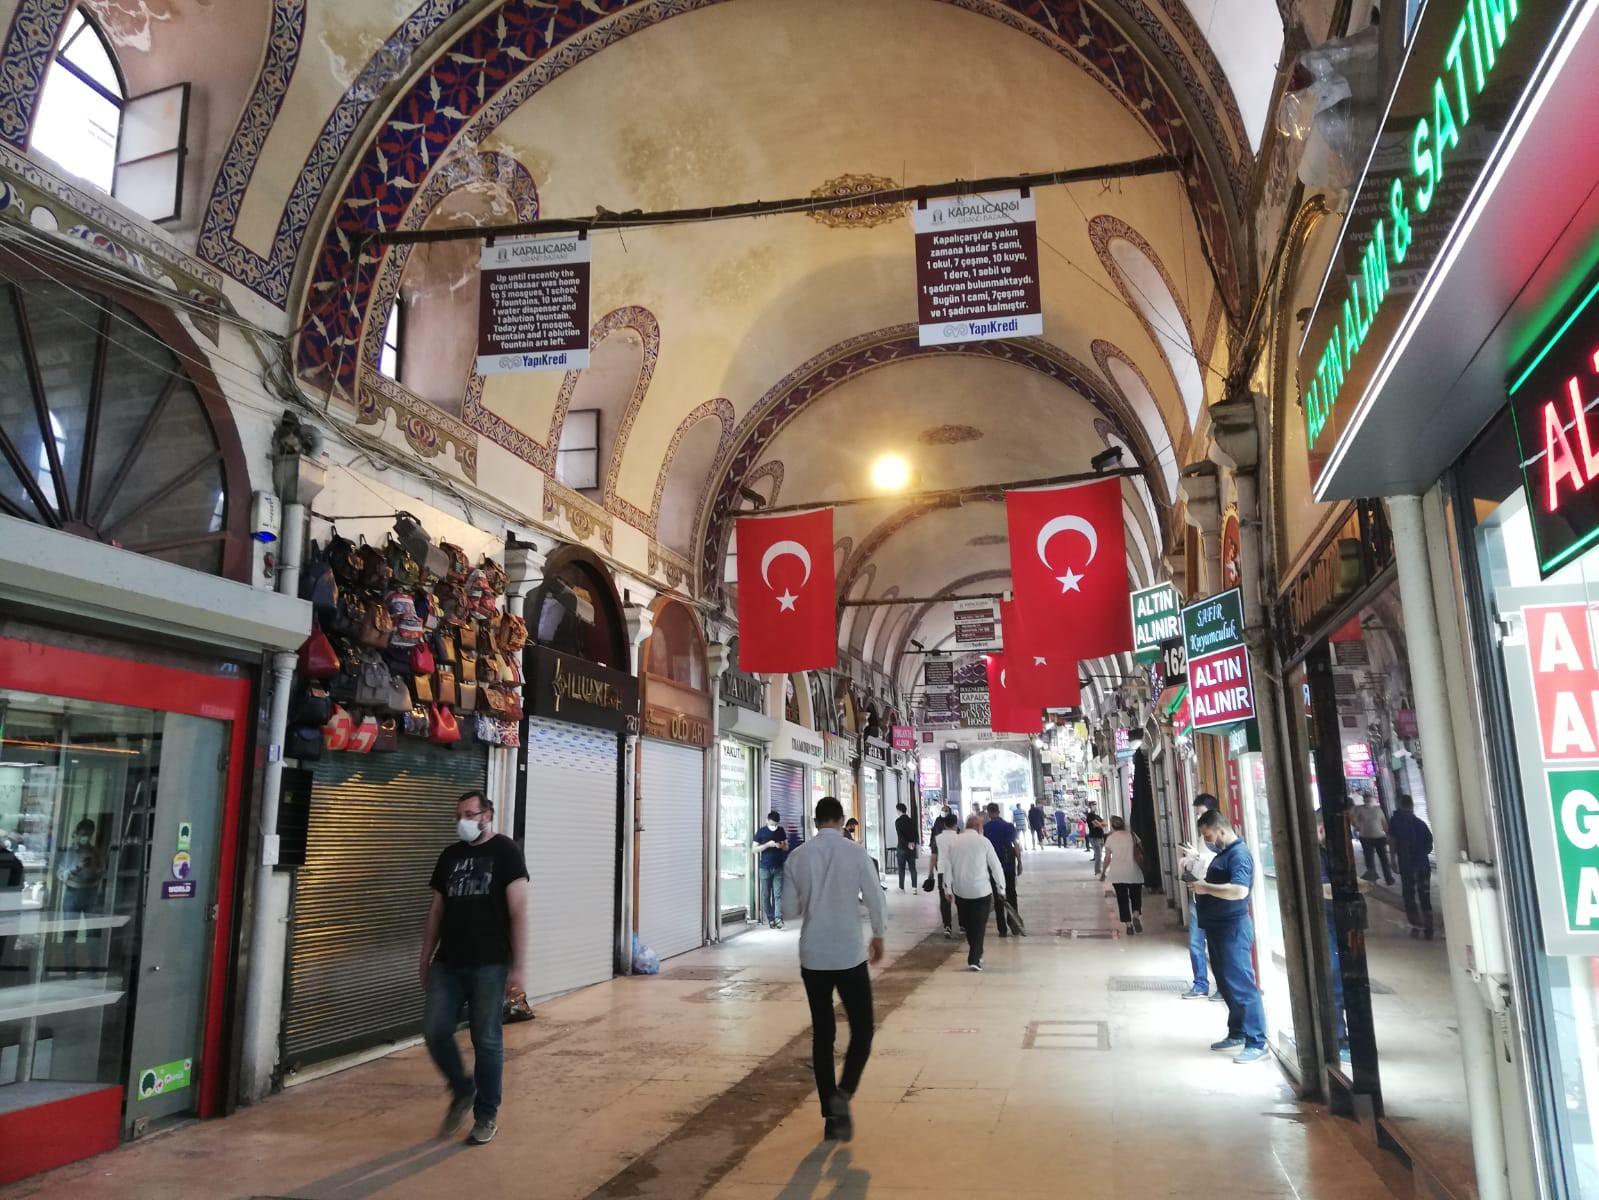 Çarşının birçok kapısı ve farklı branşlarda yoğunlaşan sokakları mevcut. Beyazıt, Nuruosmaniye, Mahmutpaşa üçgeninin içinde geniş bir yere sahip olan Kapalı Çarşı, halen dünyanın en büyük çarşısı olma özelliğini sürdürüyor.